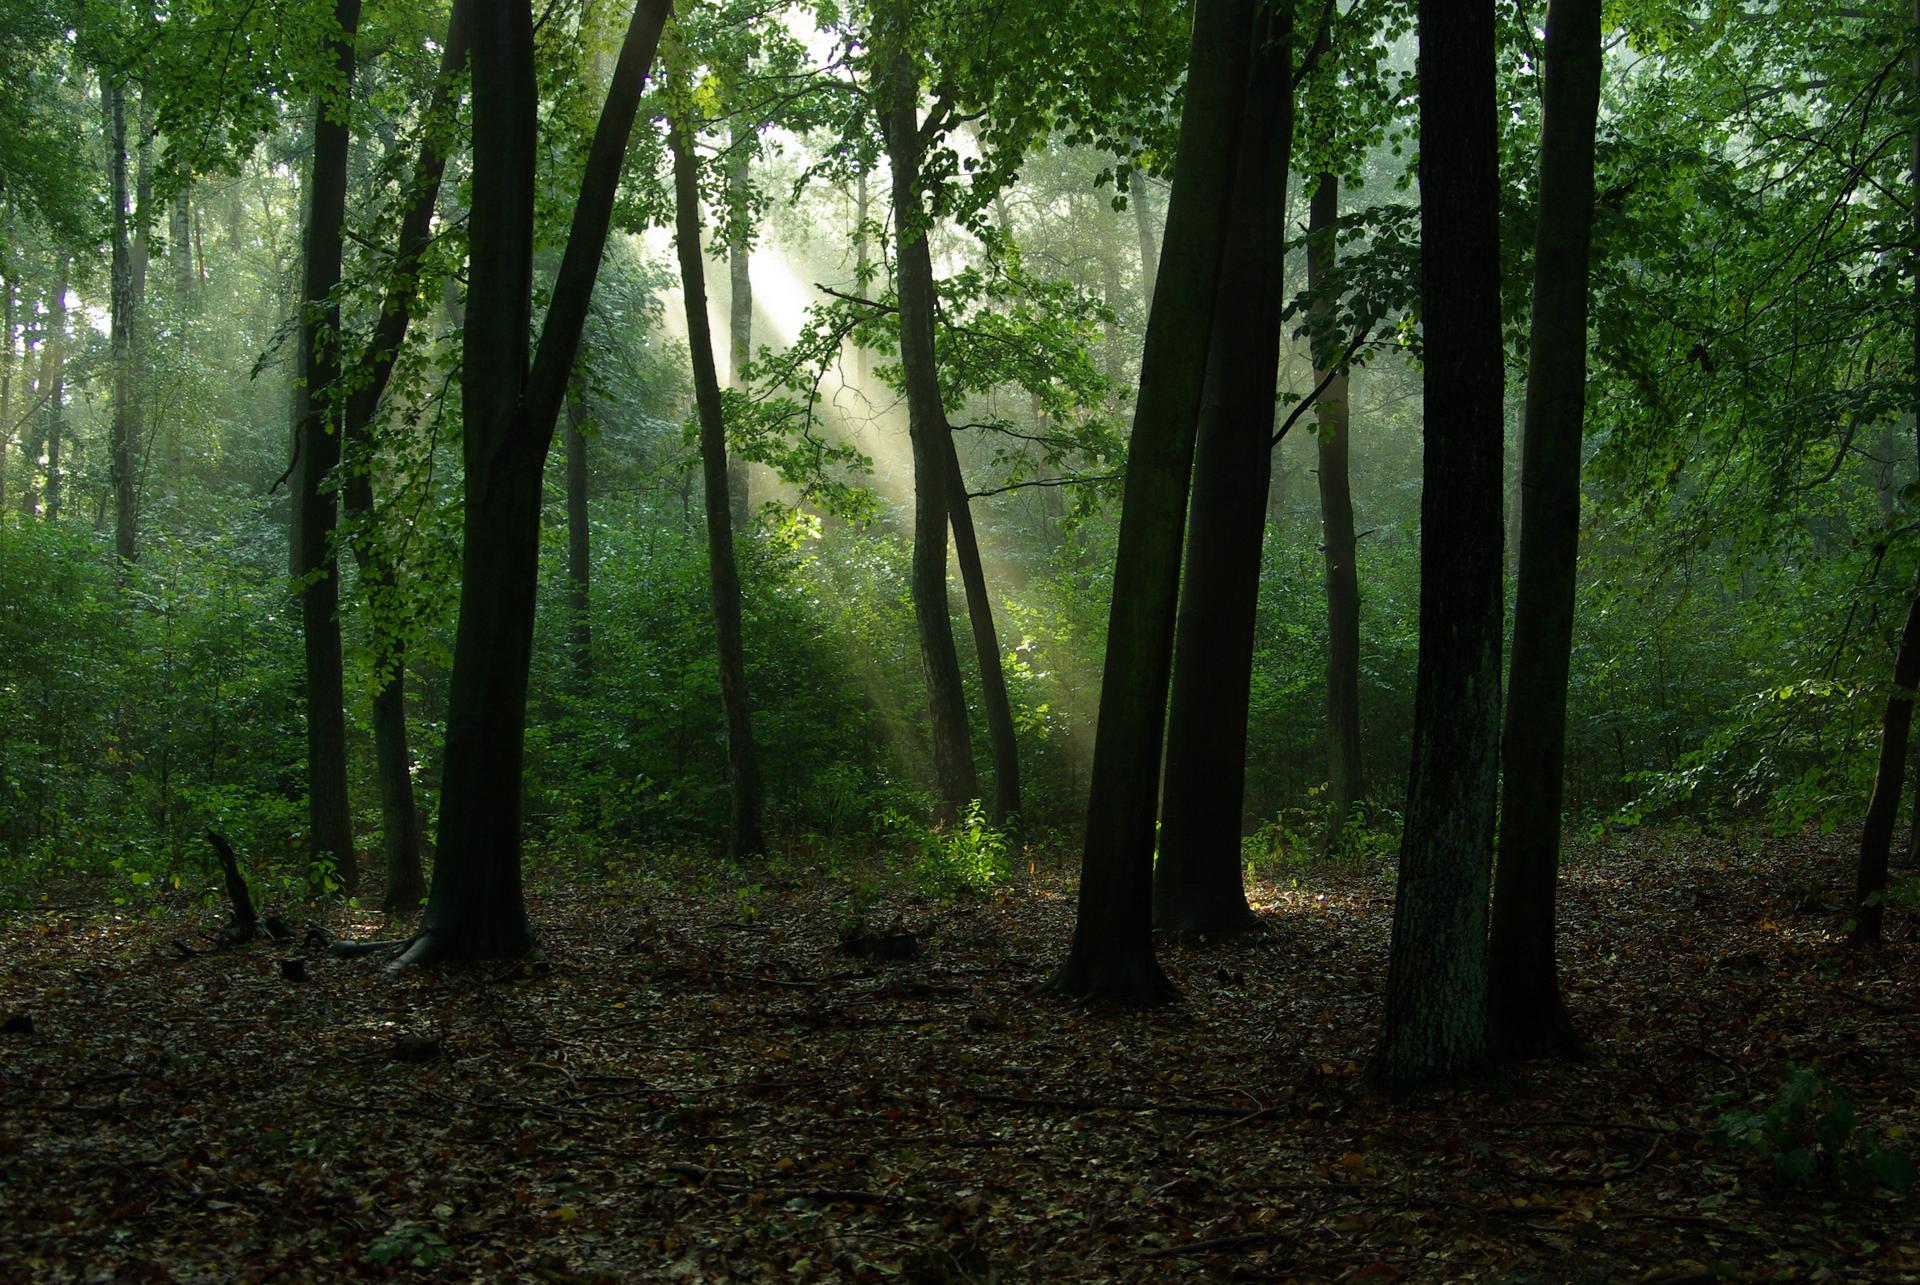 Droga w lesie - 1 part 2